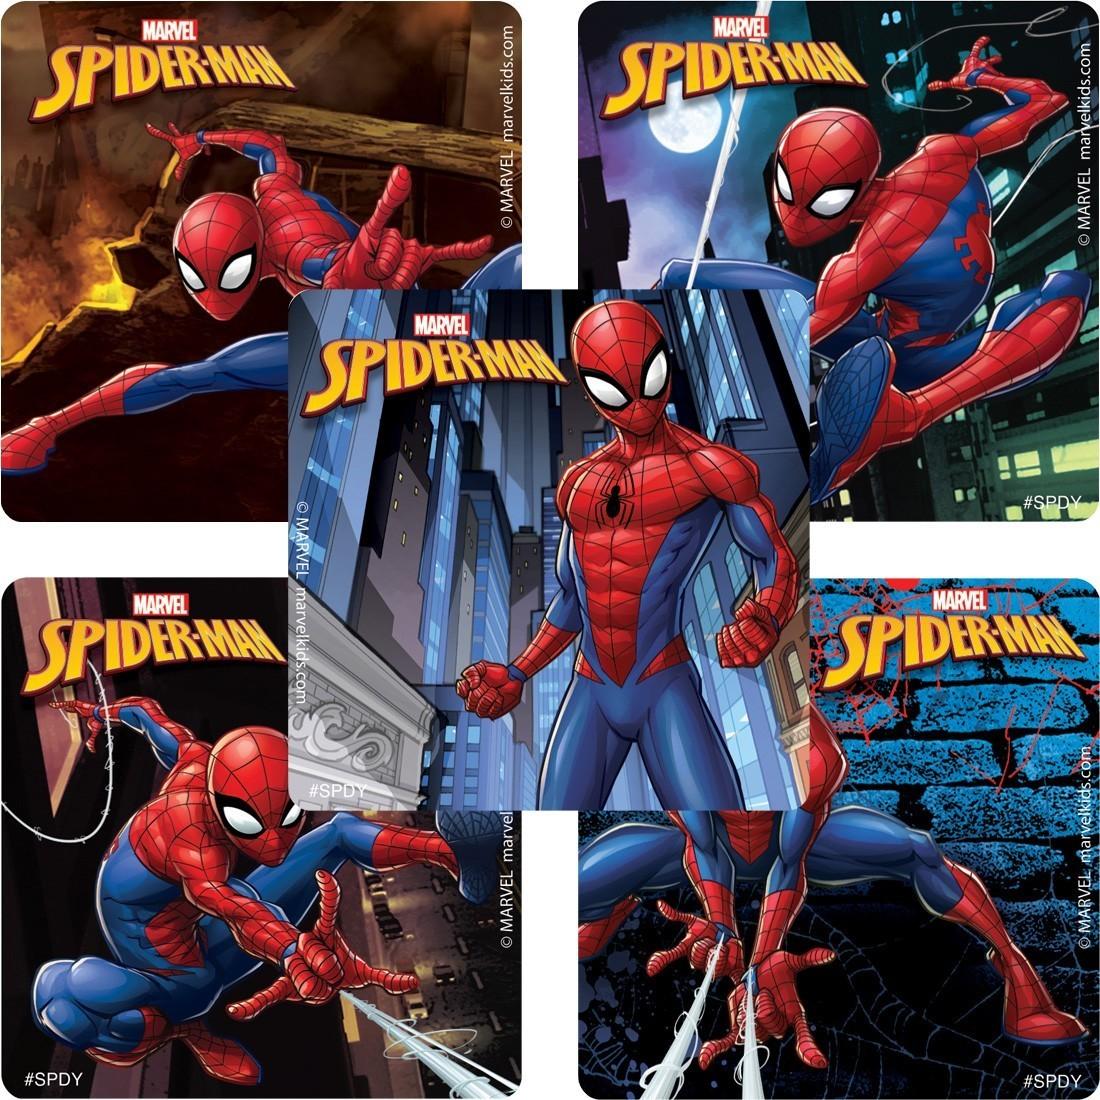 Spider-Man™ Stickers [image]